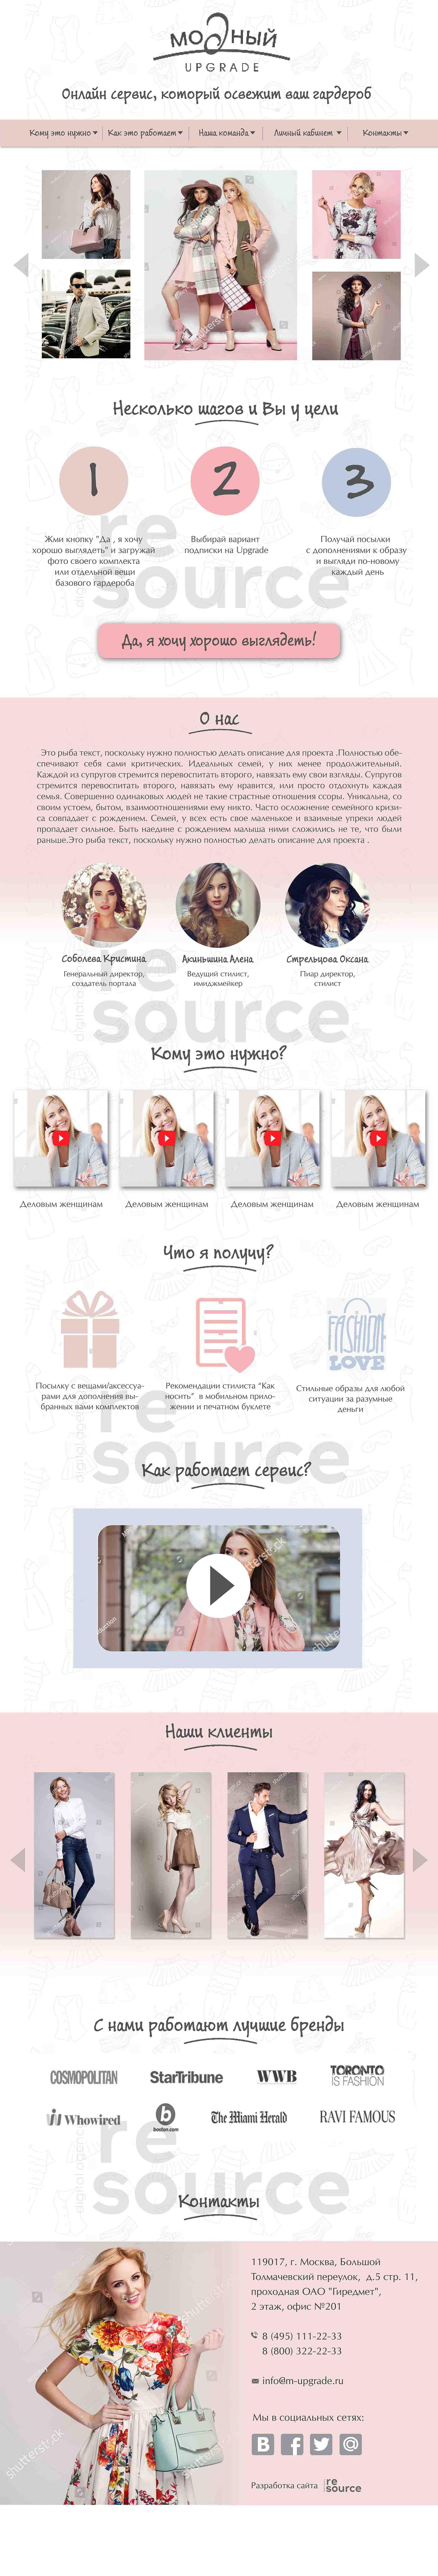 Разработать дизайн сайта и мобильного приложения фото f_6205996fe8604fbe.jpg